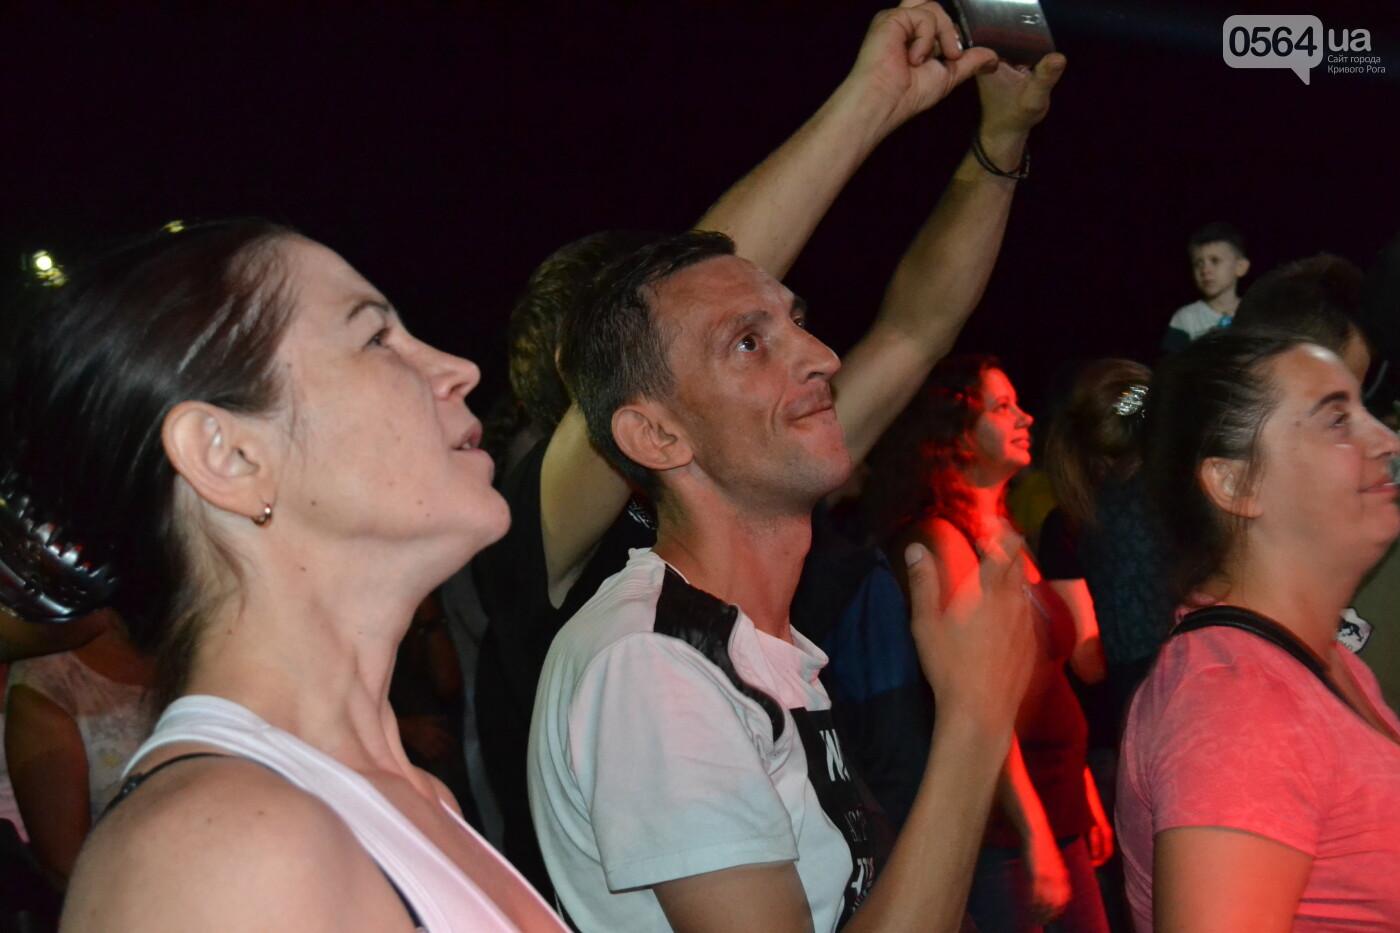 """Музыканты раскрыли душу, а зрители - открыли сердца: лица и эмоции на  криворожском рок-фесте """"ЗаліZна міць"""", - ФОТО, фото-48"""